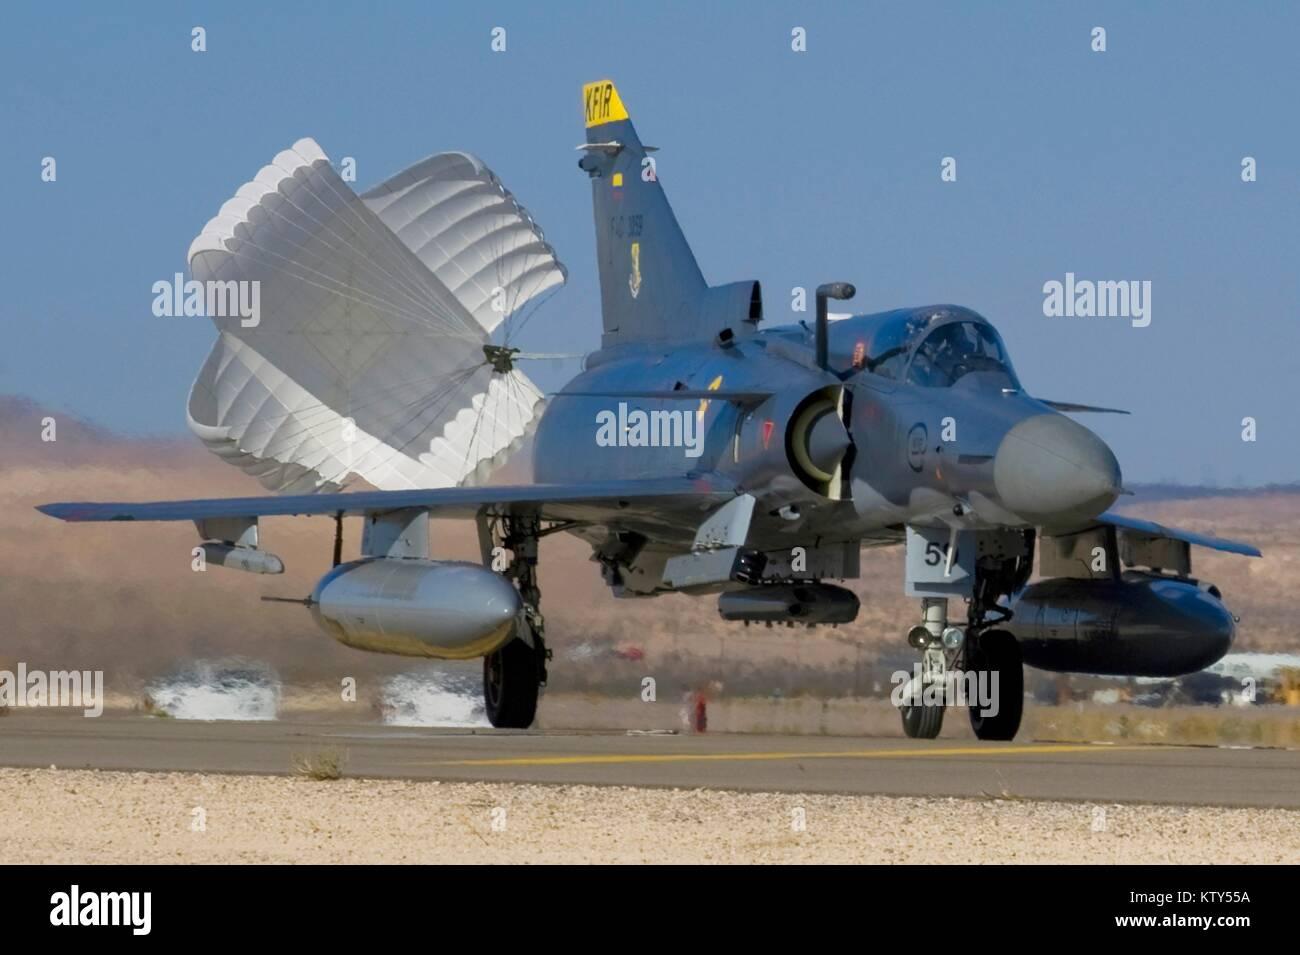 Faites glisser une chute d'un déploiement de la Force aérienne colombienne du chasseur à réaction Photo Stock